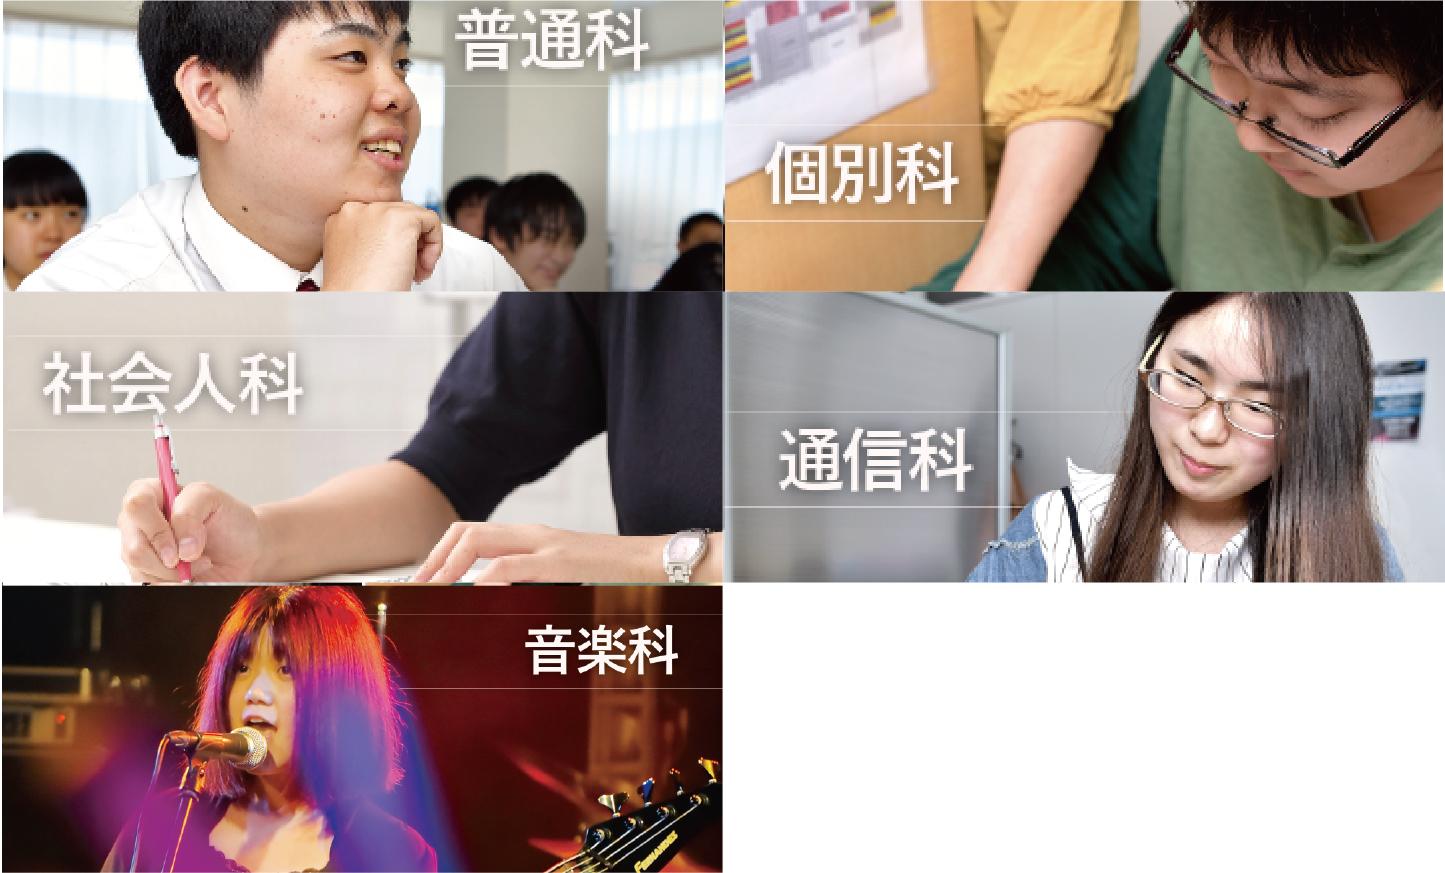 様々なコースのイメージ